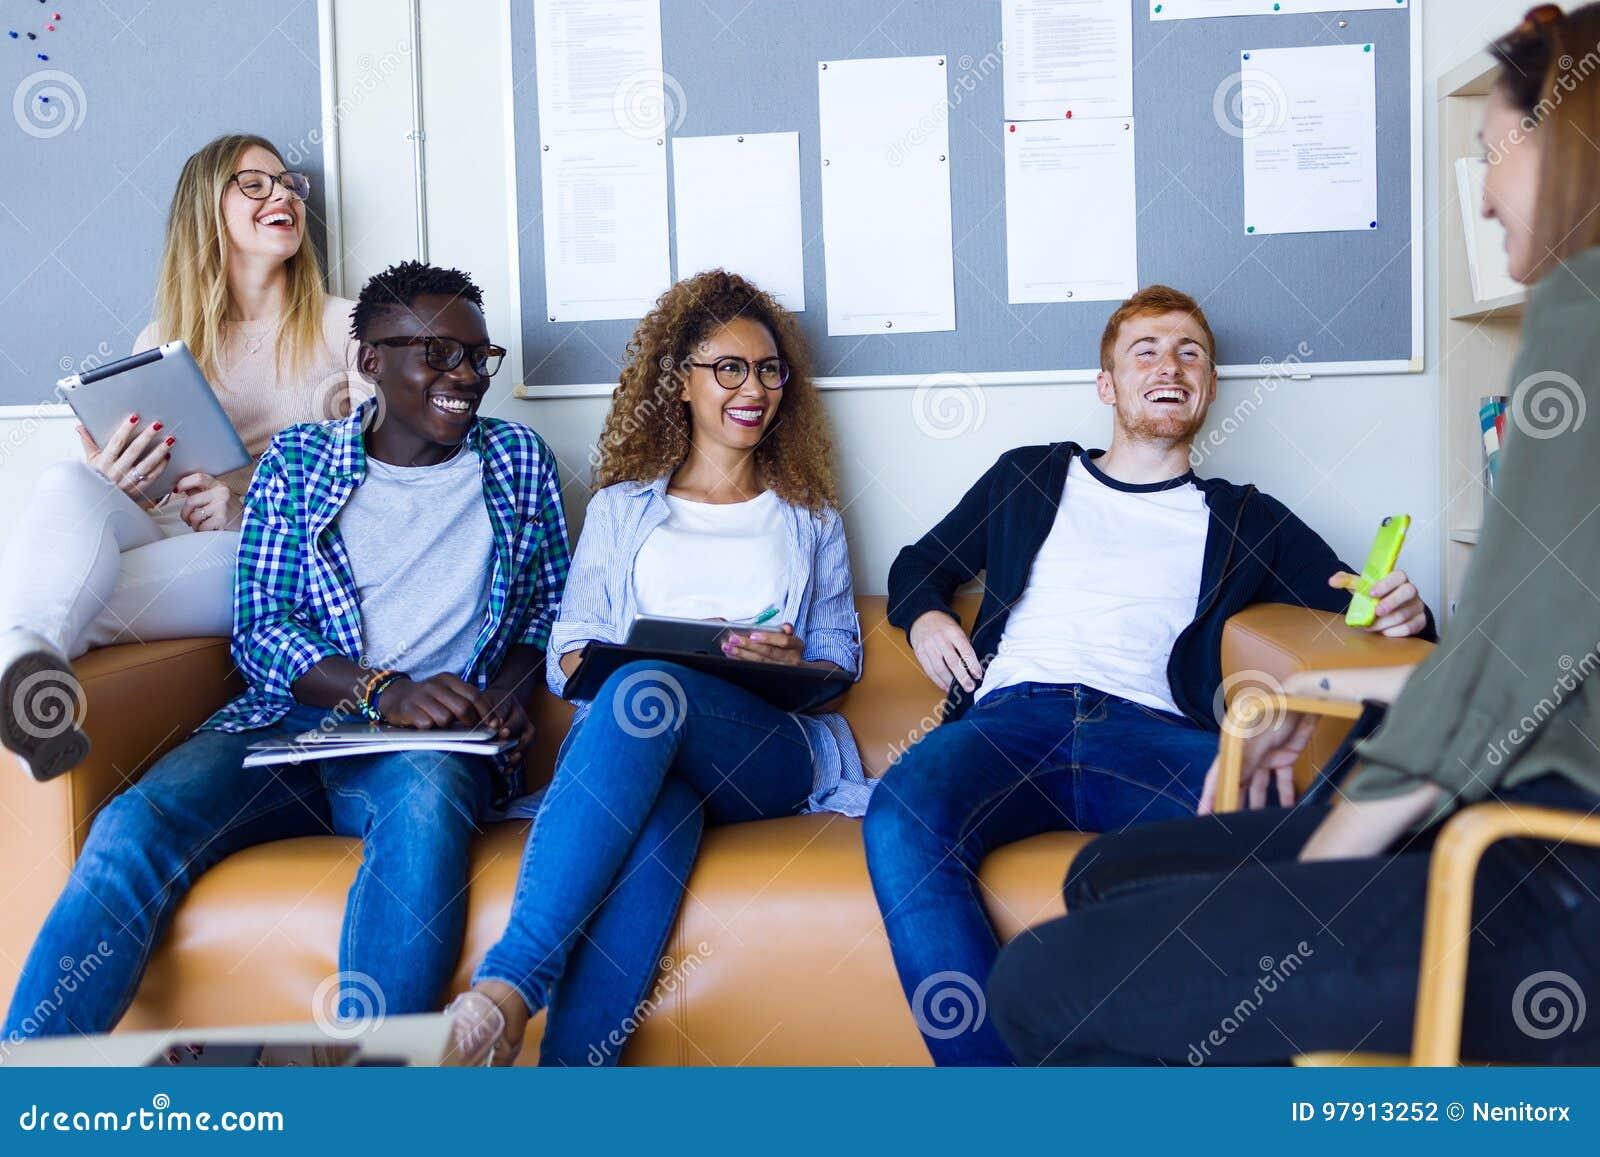 Ομάδα ευτυχών νέων σπουδαστών που μιλούν σε ένα πανεπιστήμιο